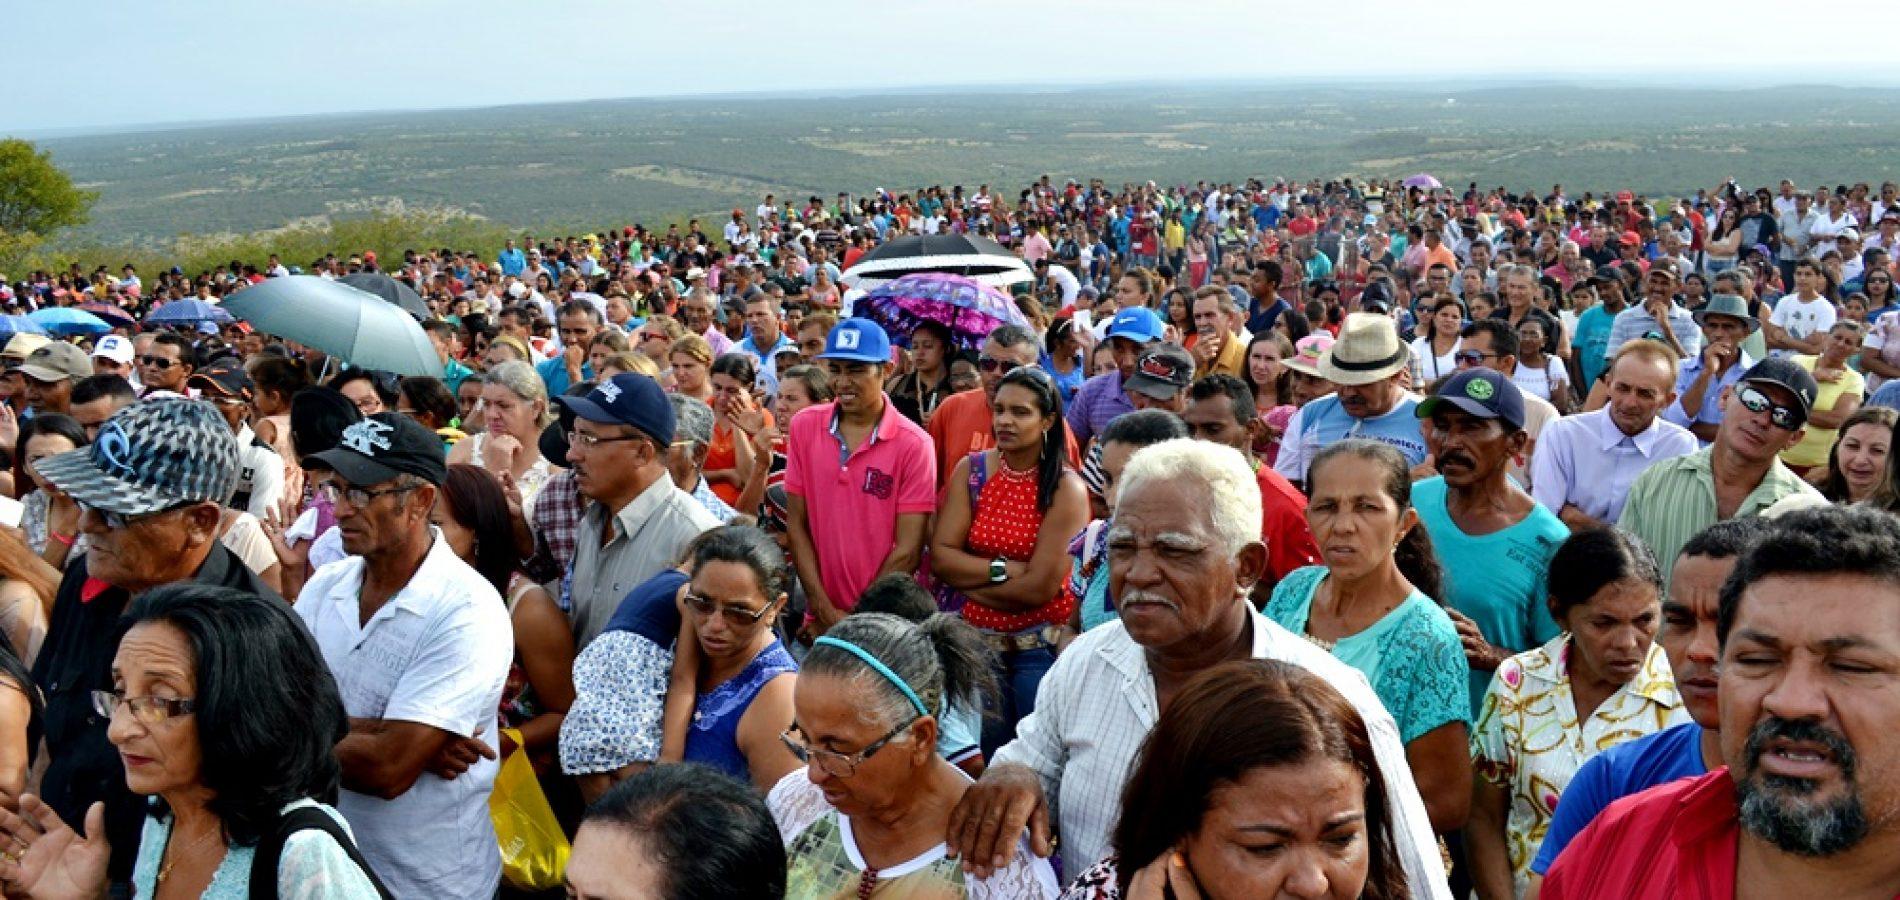 Católicos mantém a tradição de celebrar a festa religiosa do Morro dos Três Irmãos em Jaicós